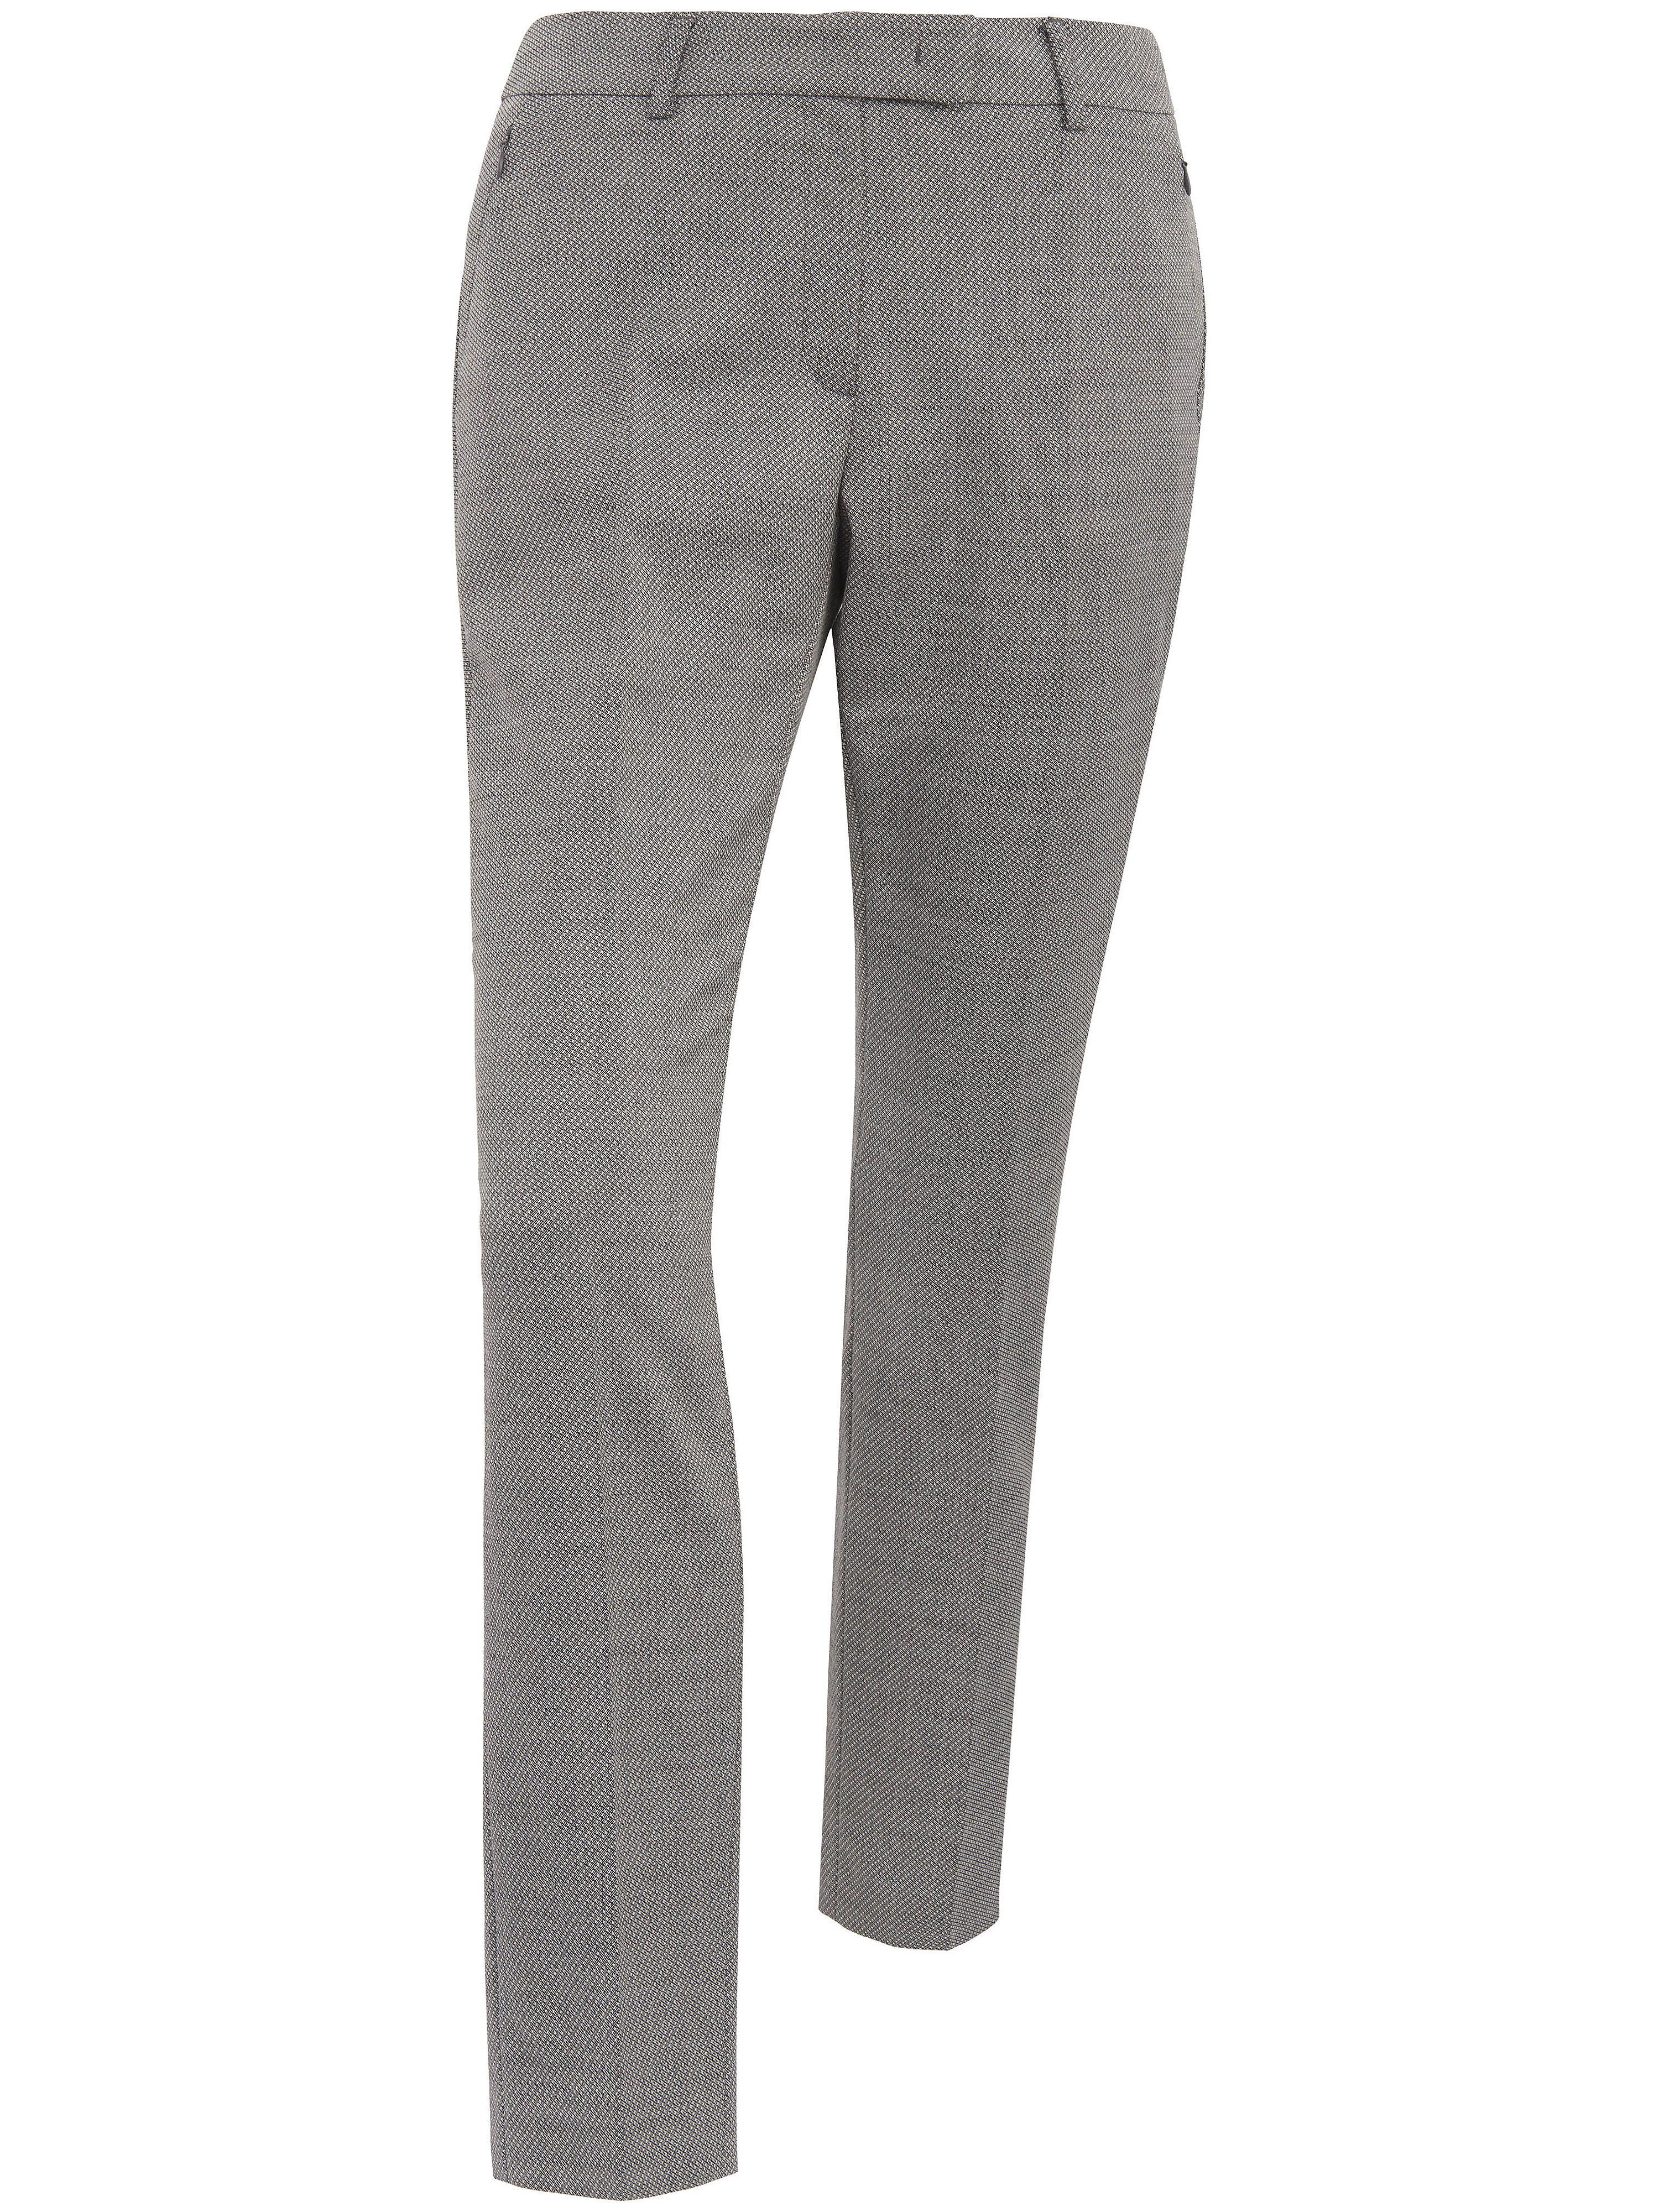 Le pantalon 7/8  Fadenmeister Berlin gris